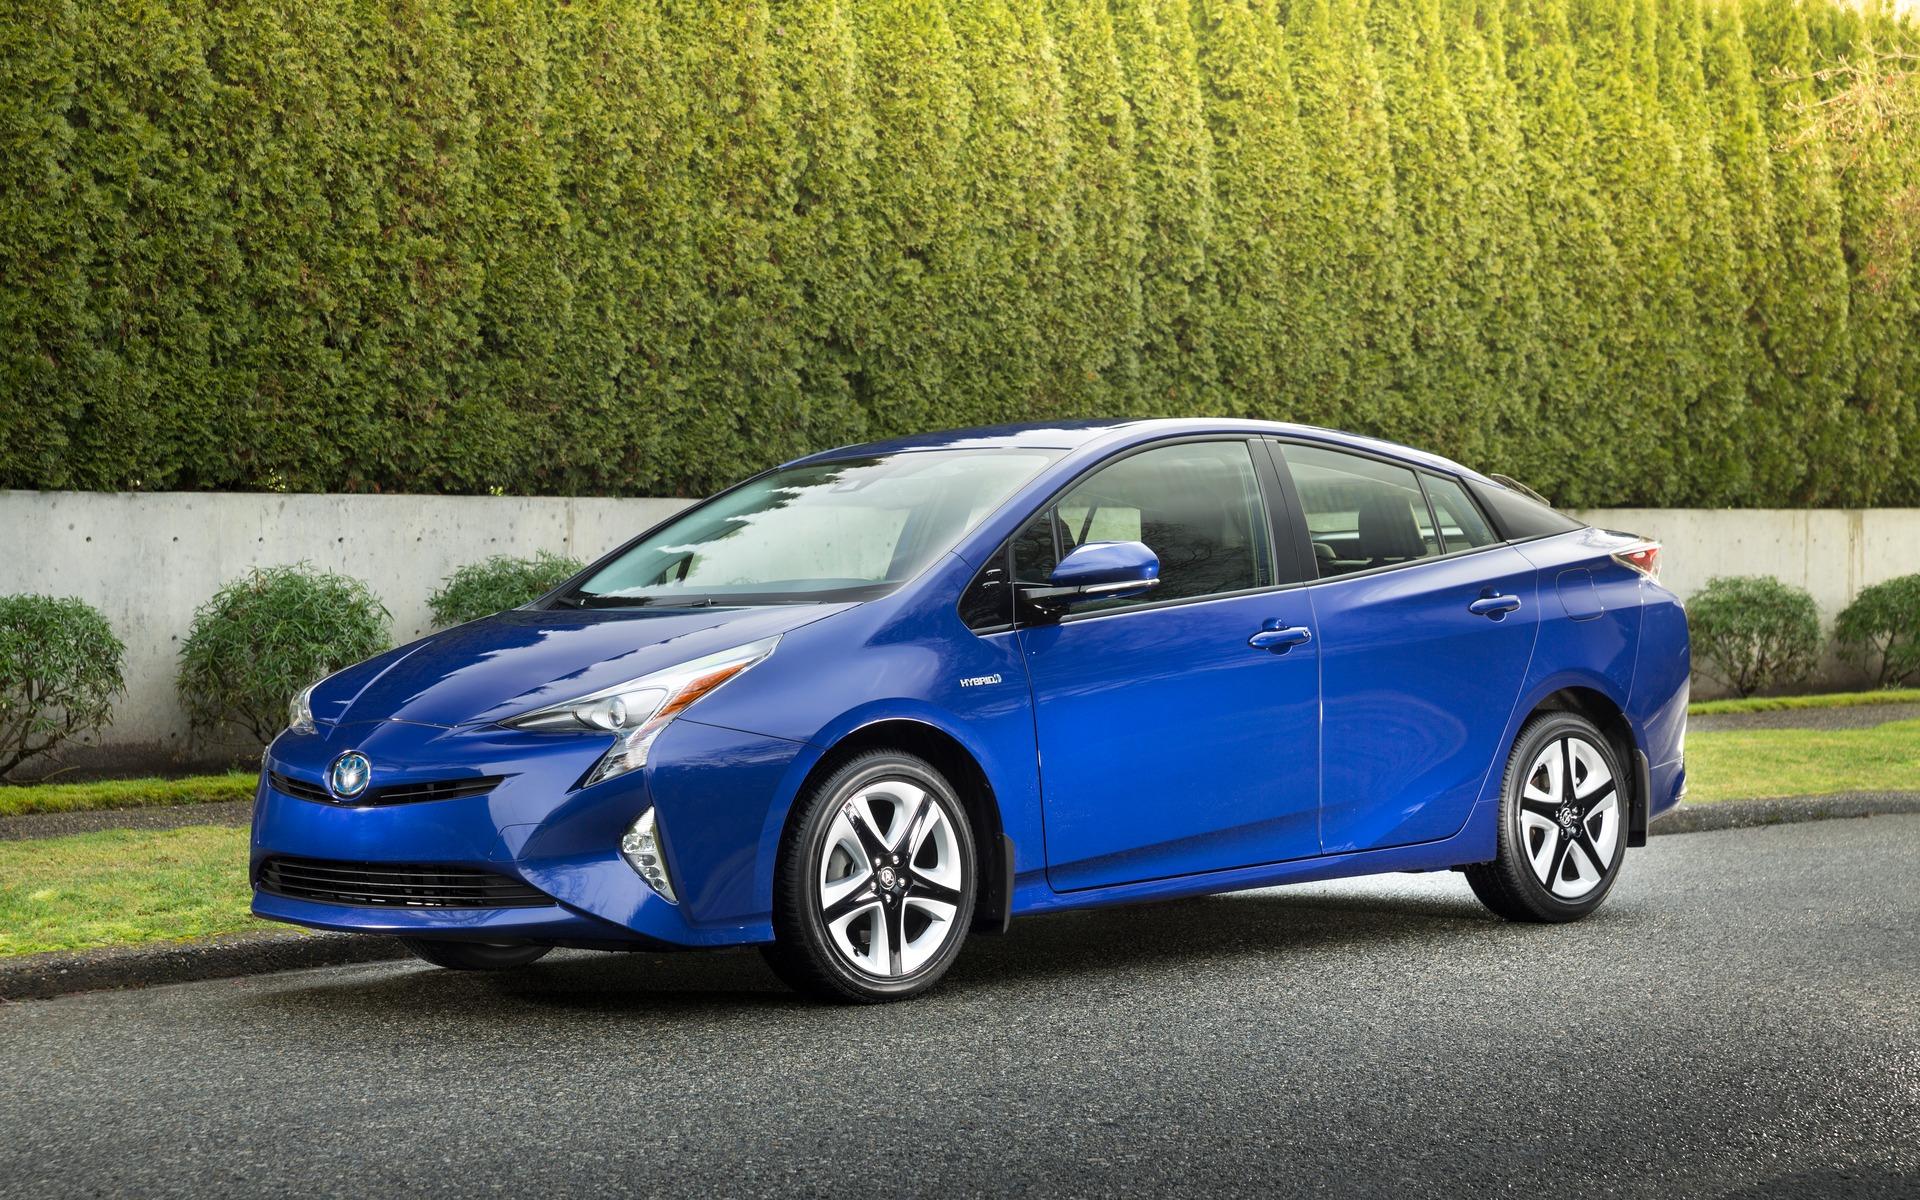 Toyota Prius 2016 - L'ethos de Toyota